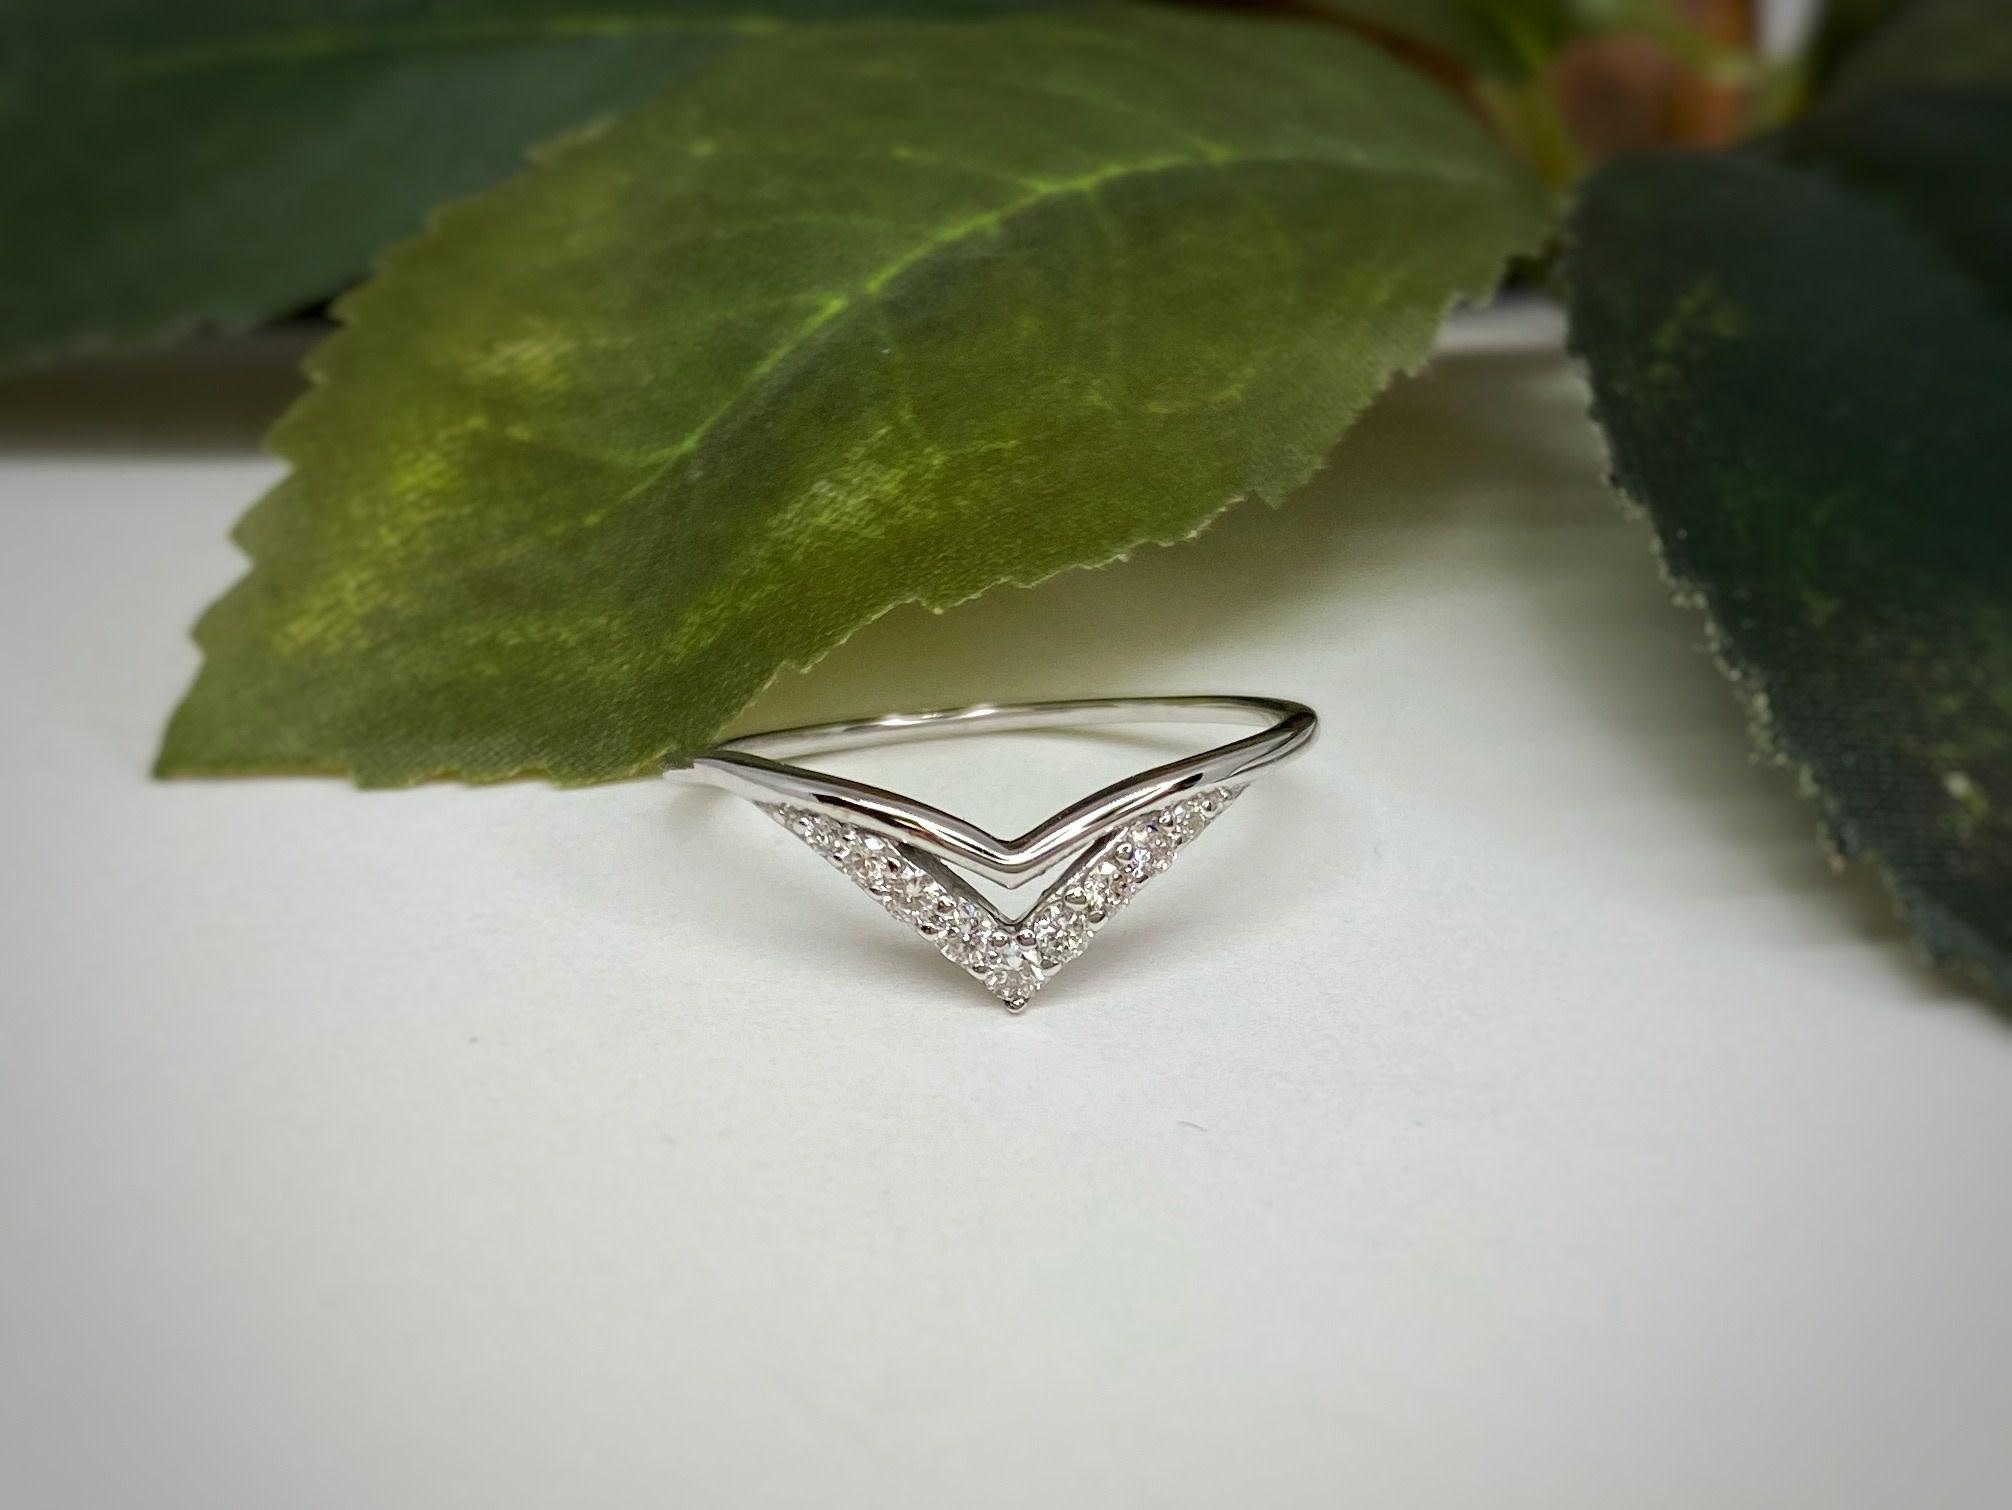 14K White Gold Double Chevron Diamond Wedding Band Ring